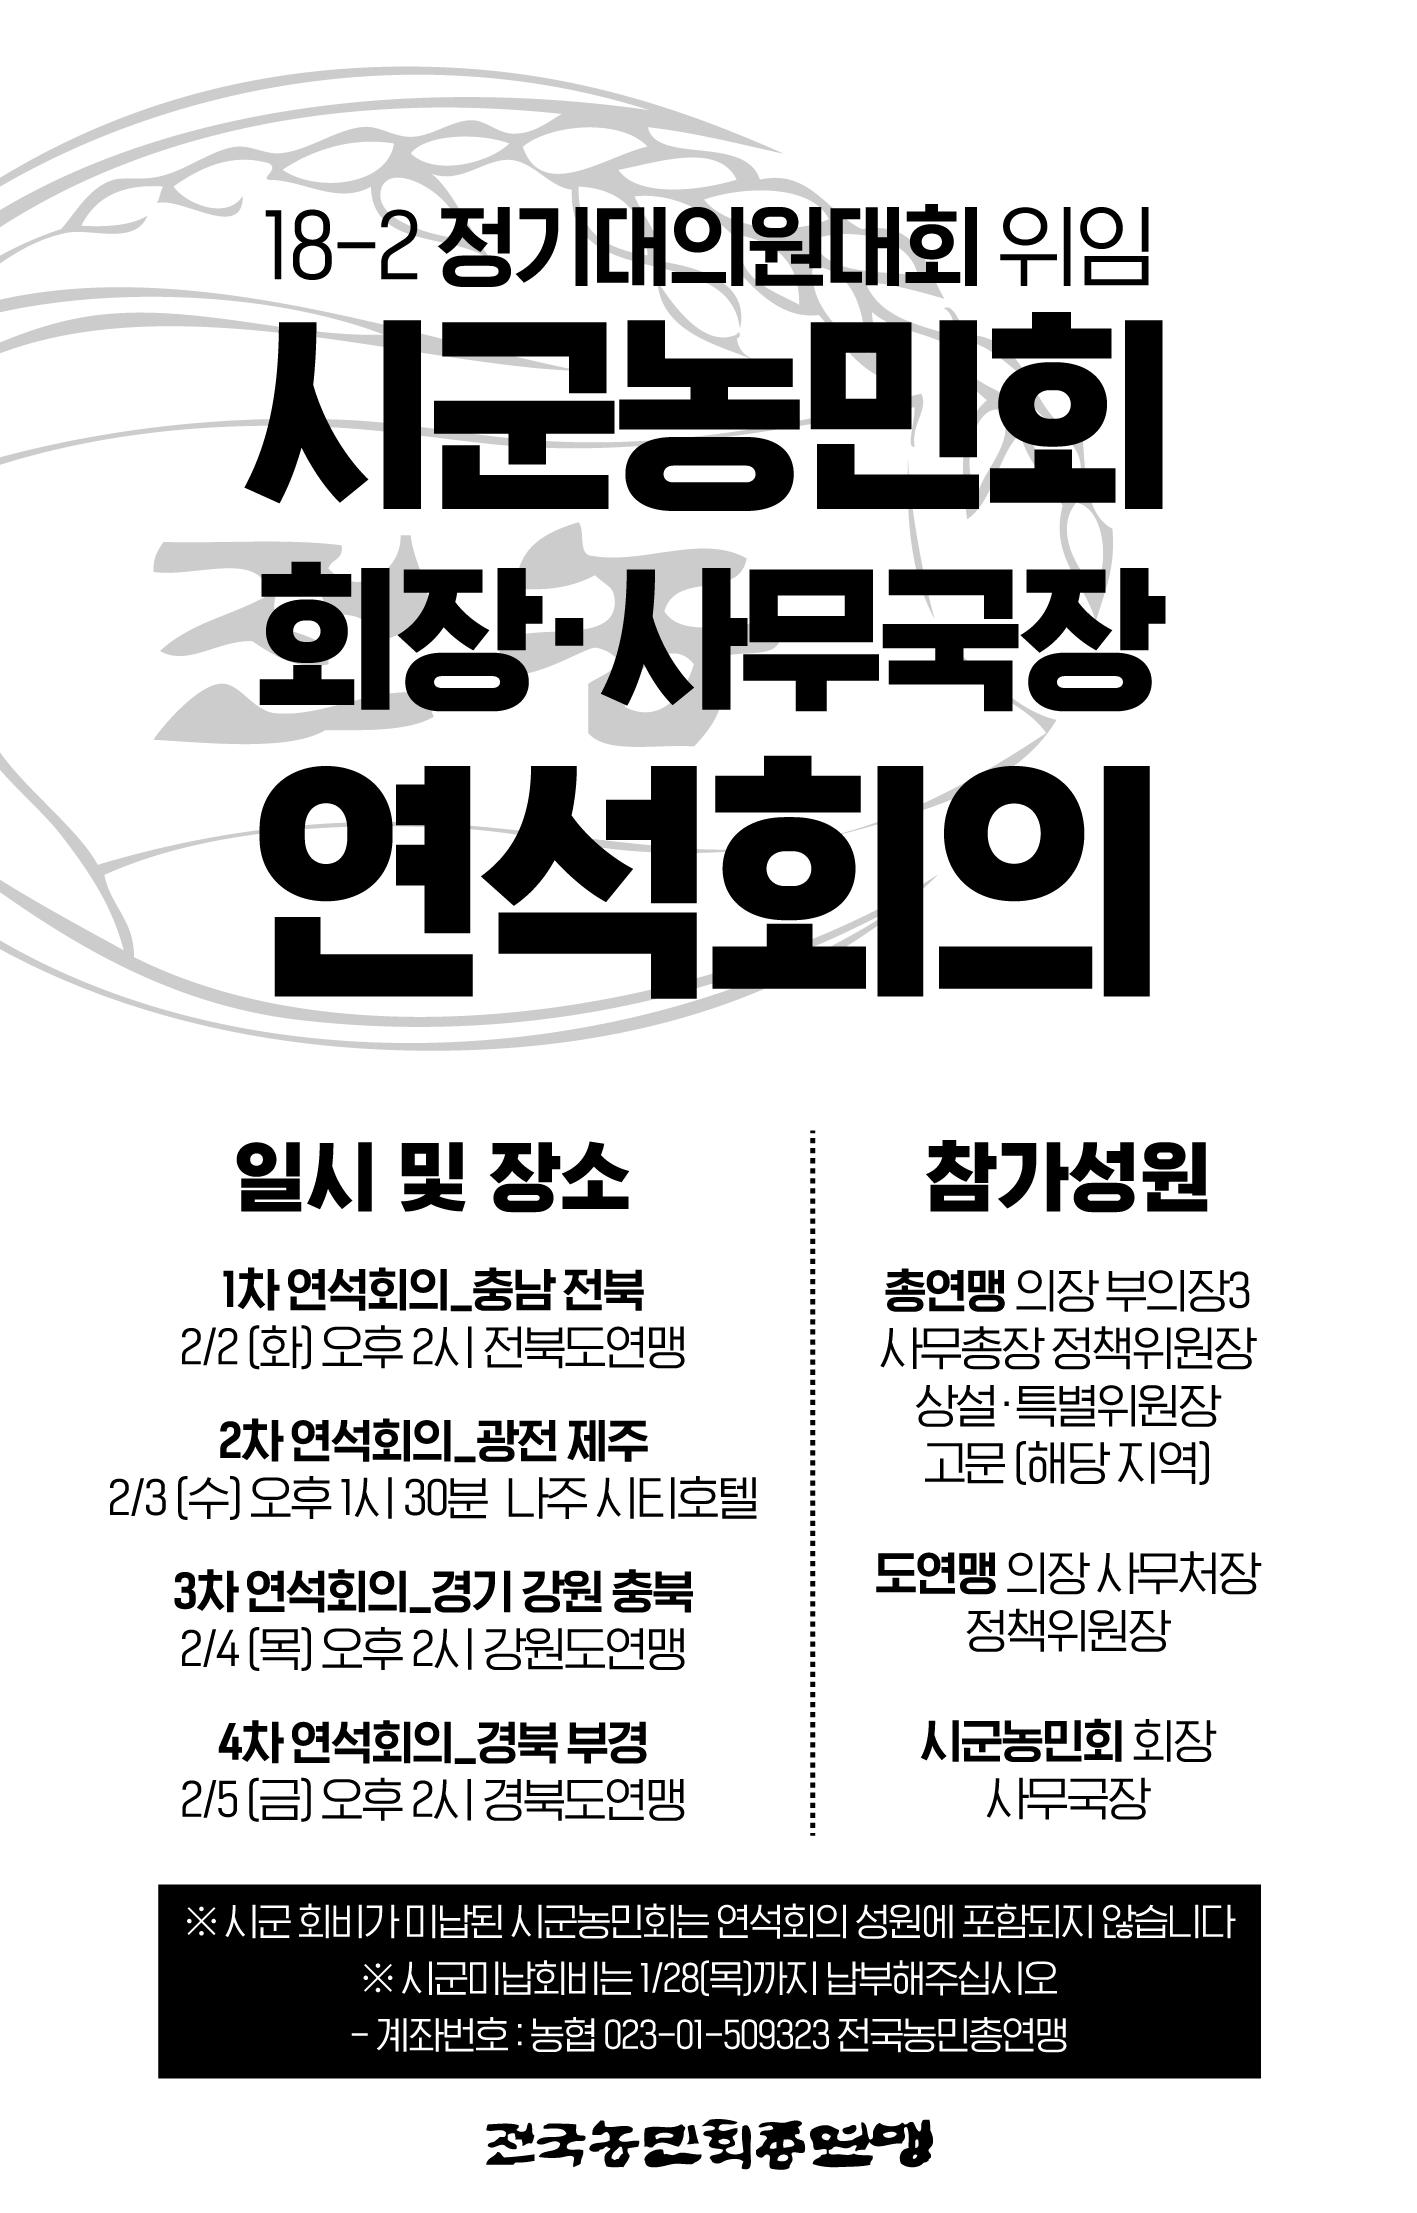 대대 위임 연석회의 문자발송용.png